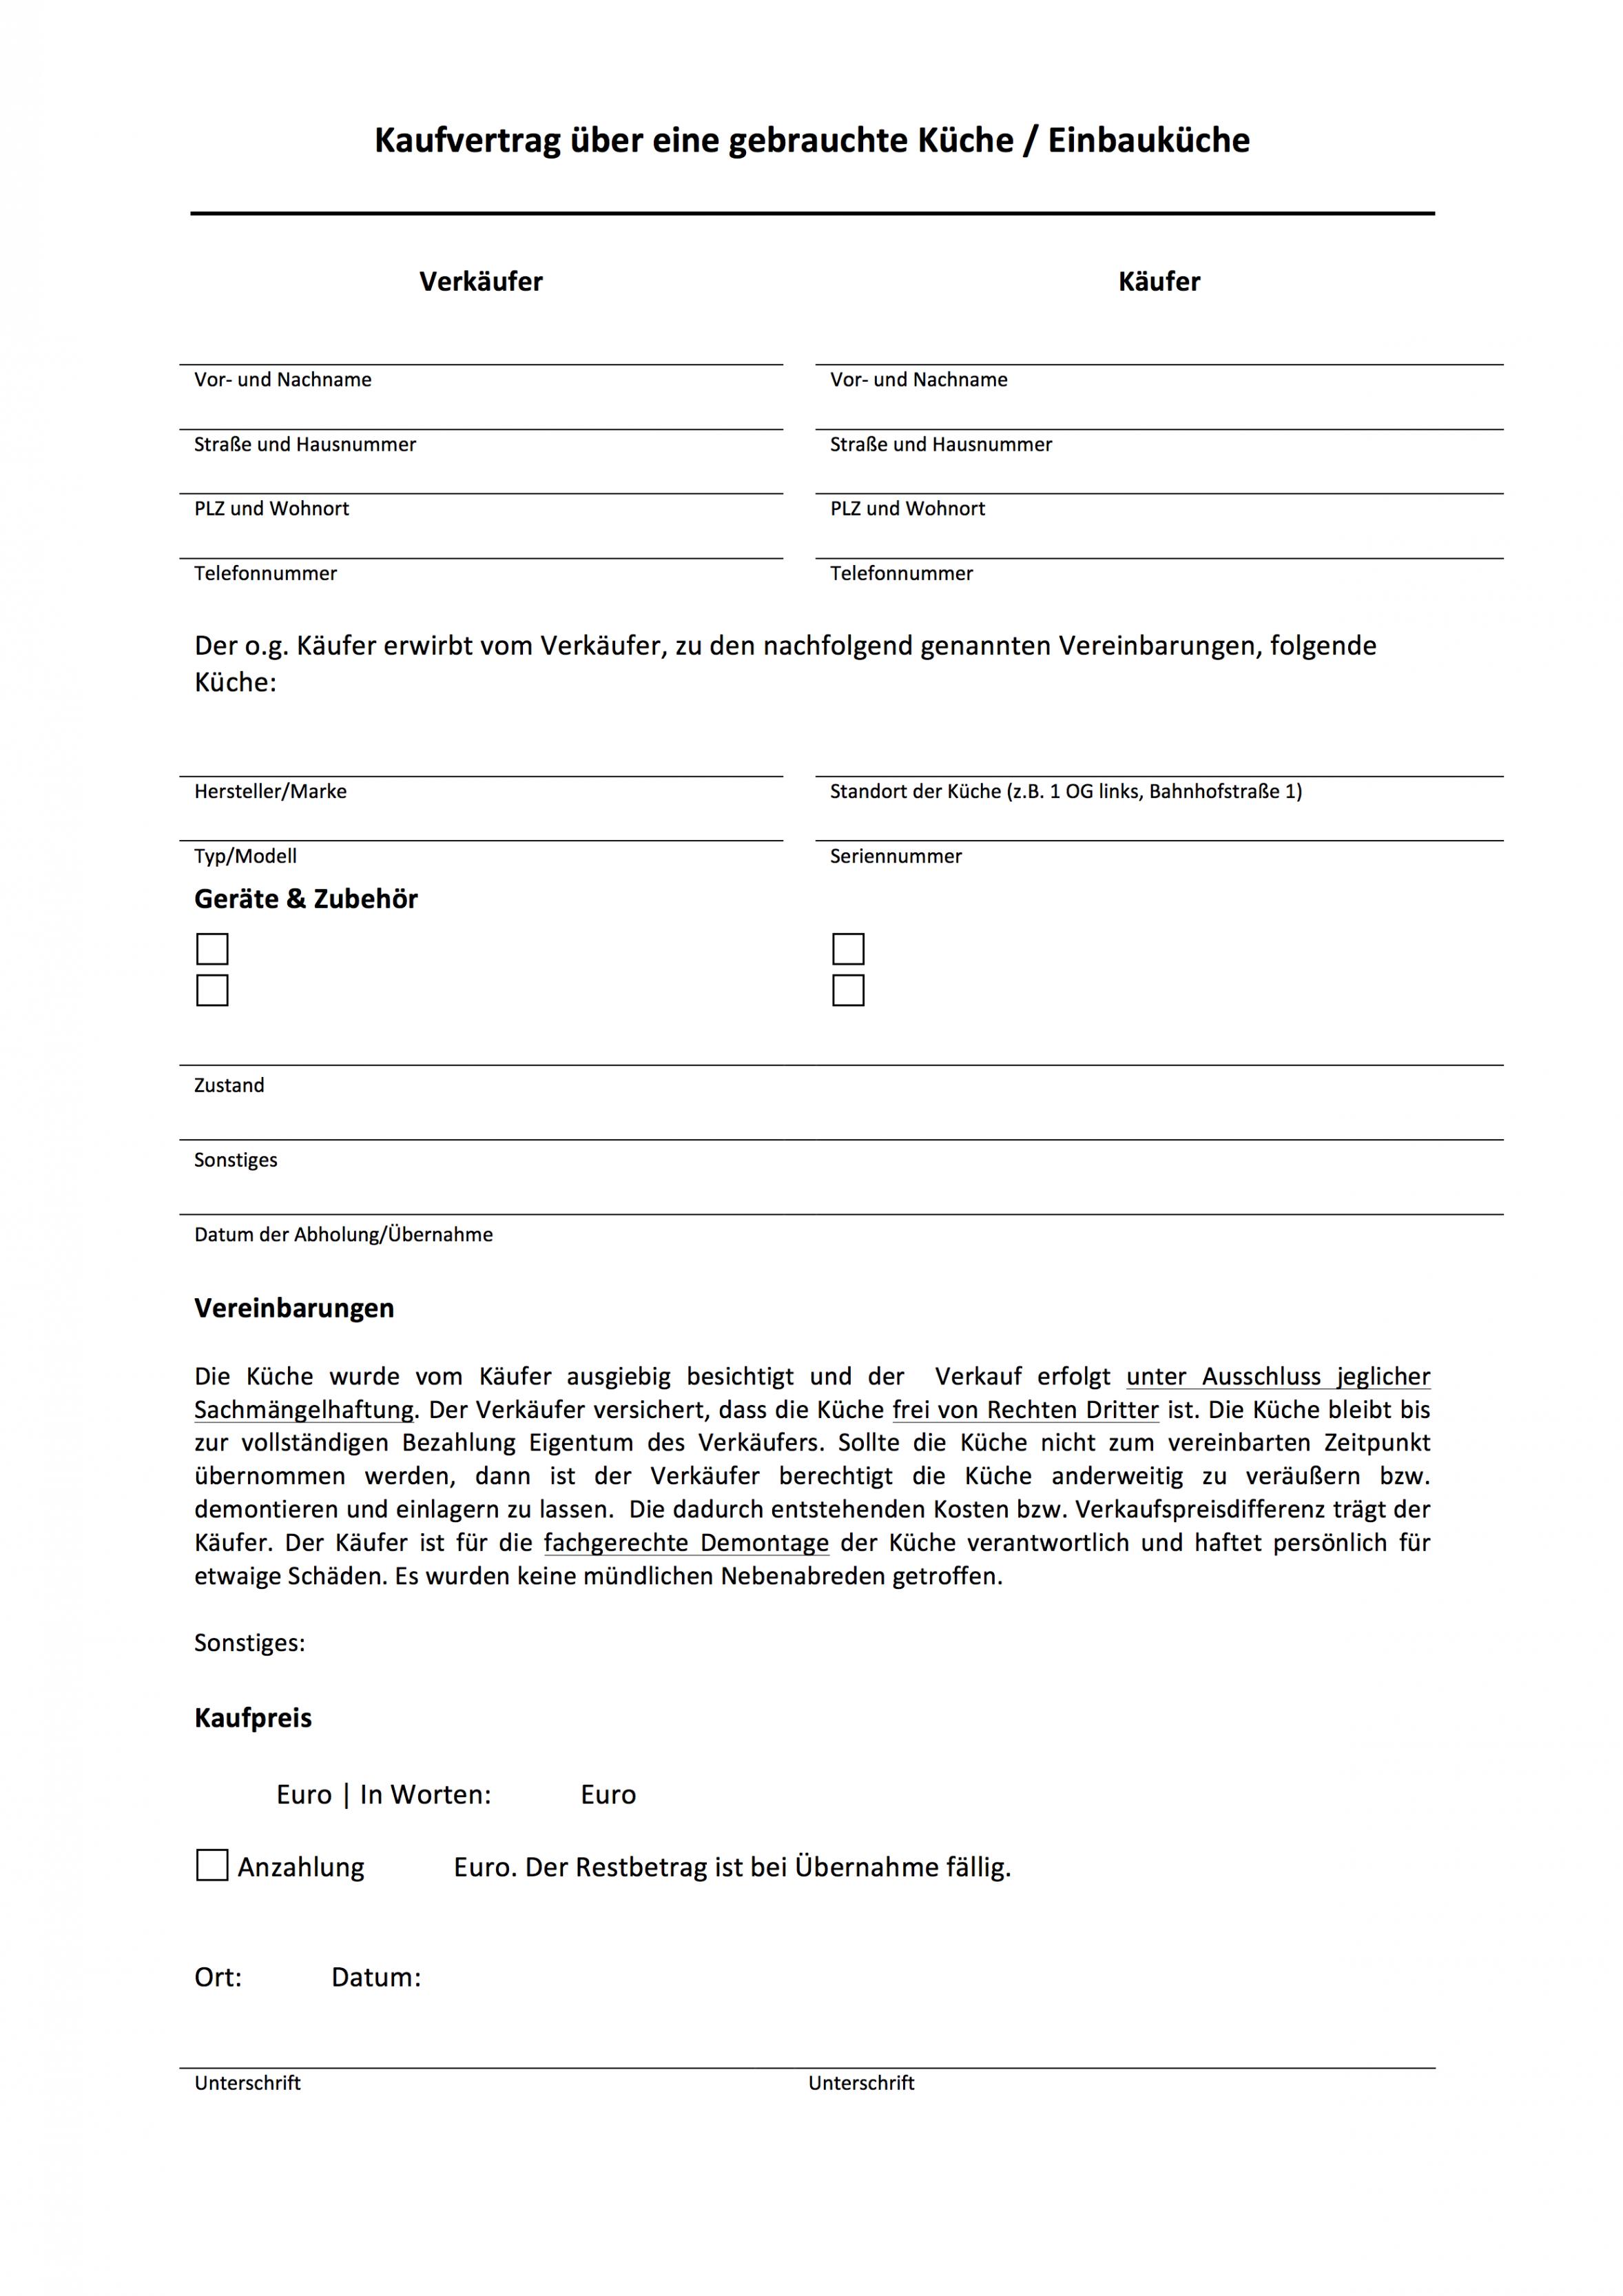 [%Eine Probe%|Porbe|] vonMuster: Kaufvetrag Über Eine Gebrauchte Küche / Einbauküche Vereinbarung Ablöse Wohnung Vorlage